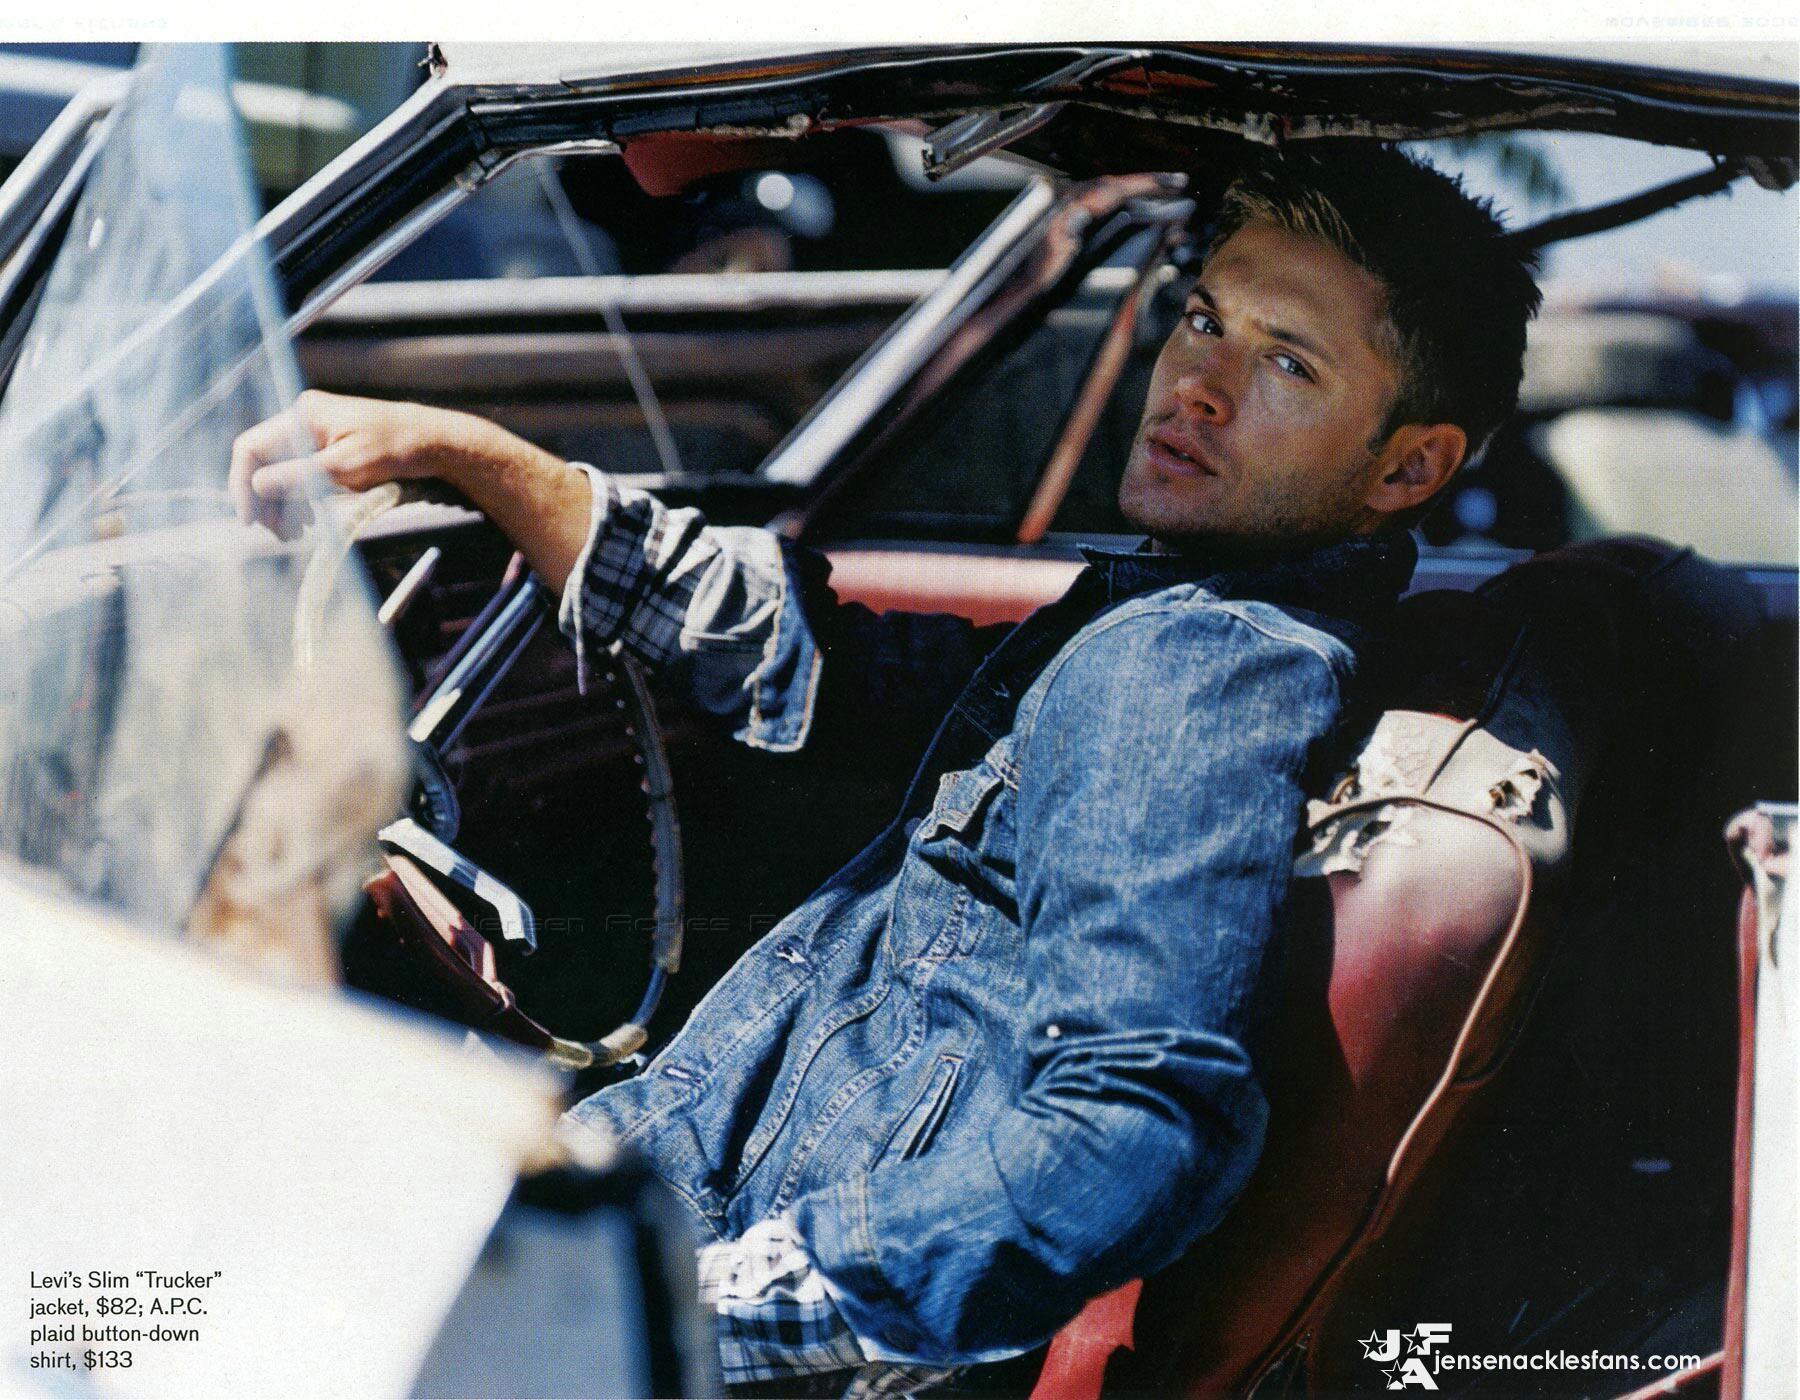 اهنگ زنگ گیم اف ترونز Jensen Ackles Wallpapers (79 )